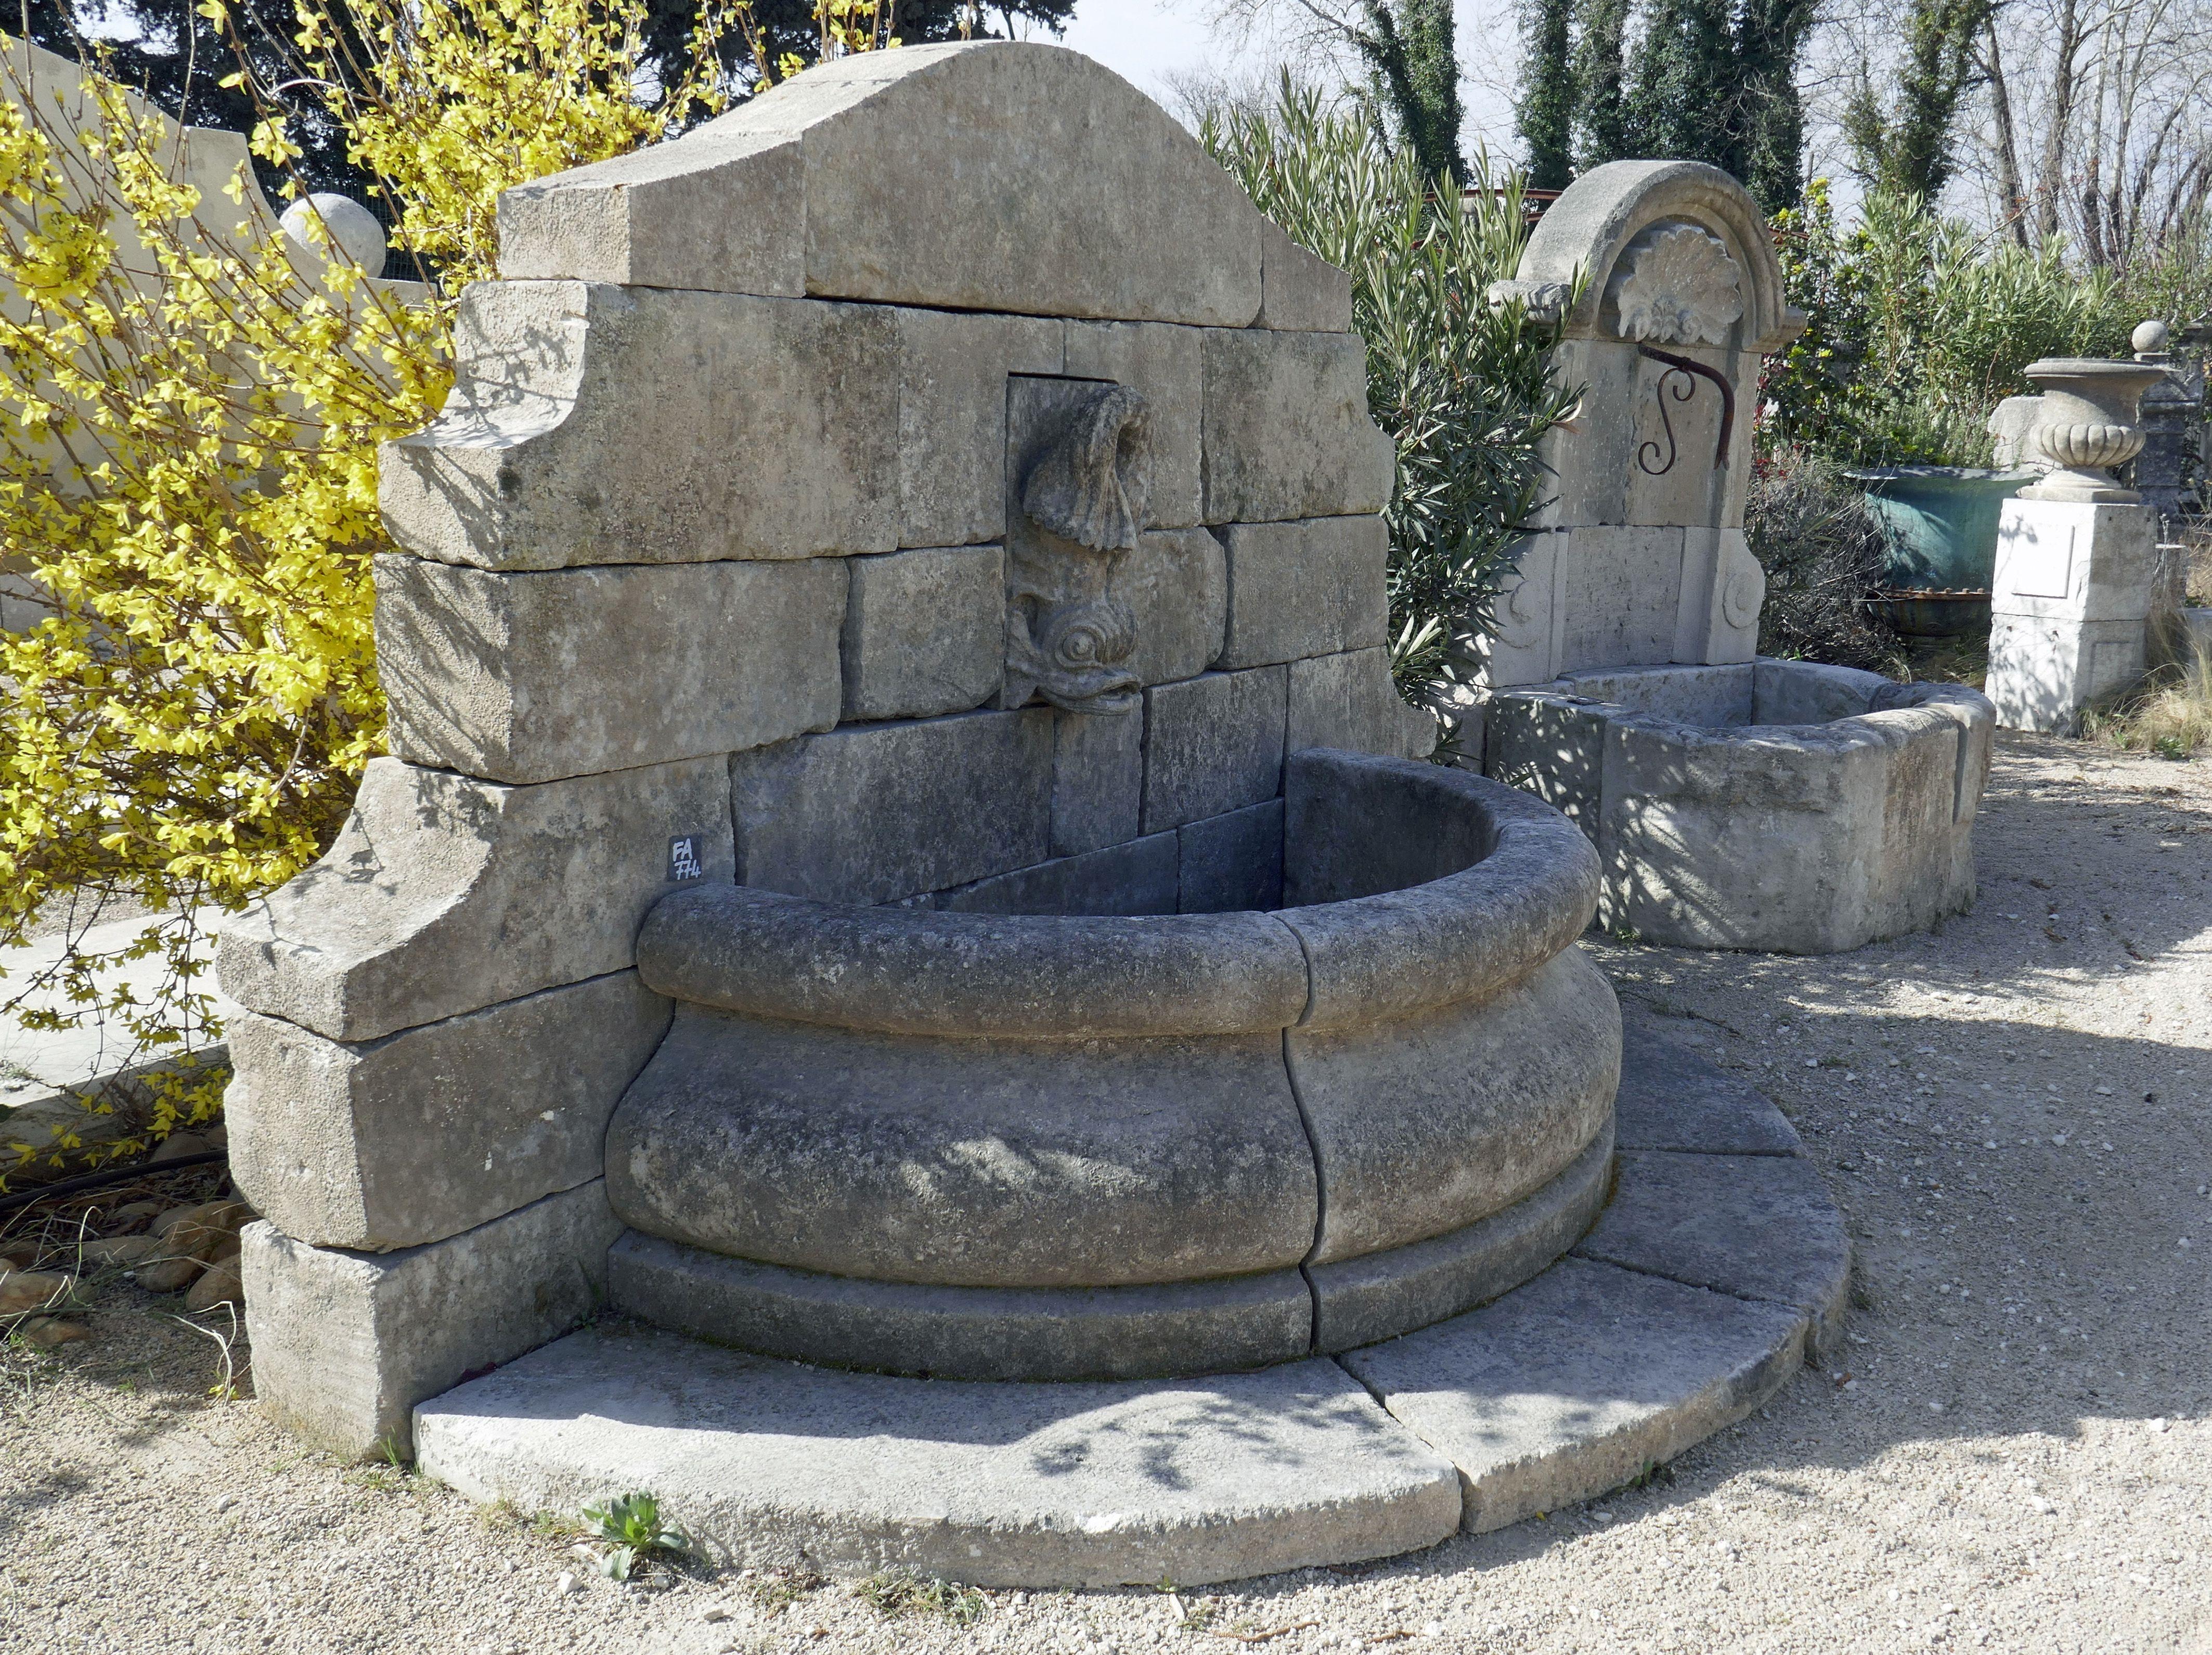 Cette Magnifique Fontaine Murale En Pierres Anciennes Est Un Modele Unique En Vente Exclusivement Chez Le Ma Fontaine Murale Fontaine De Jardin Fontaine Pierre